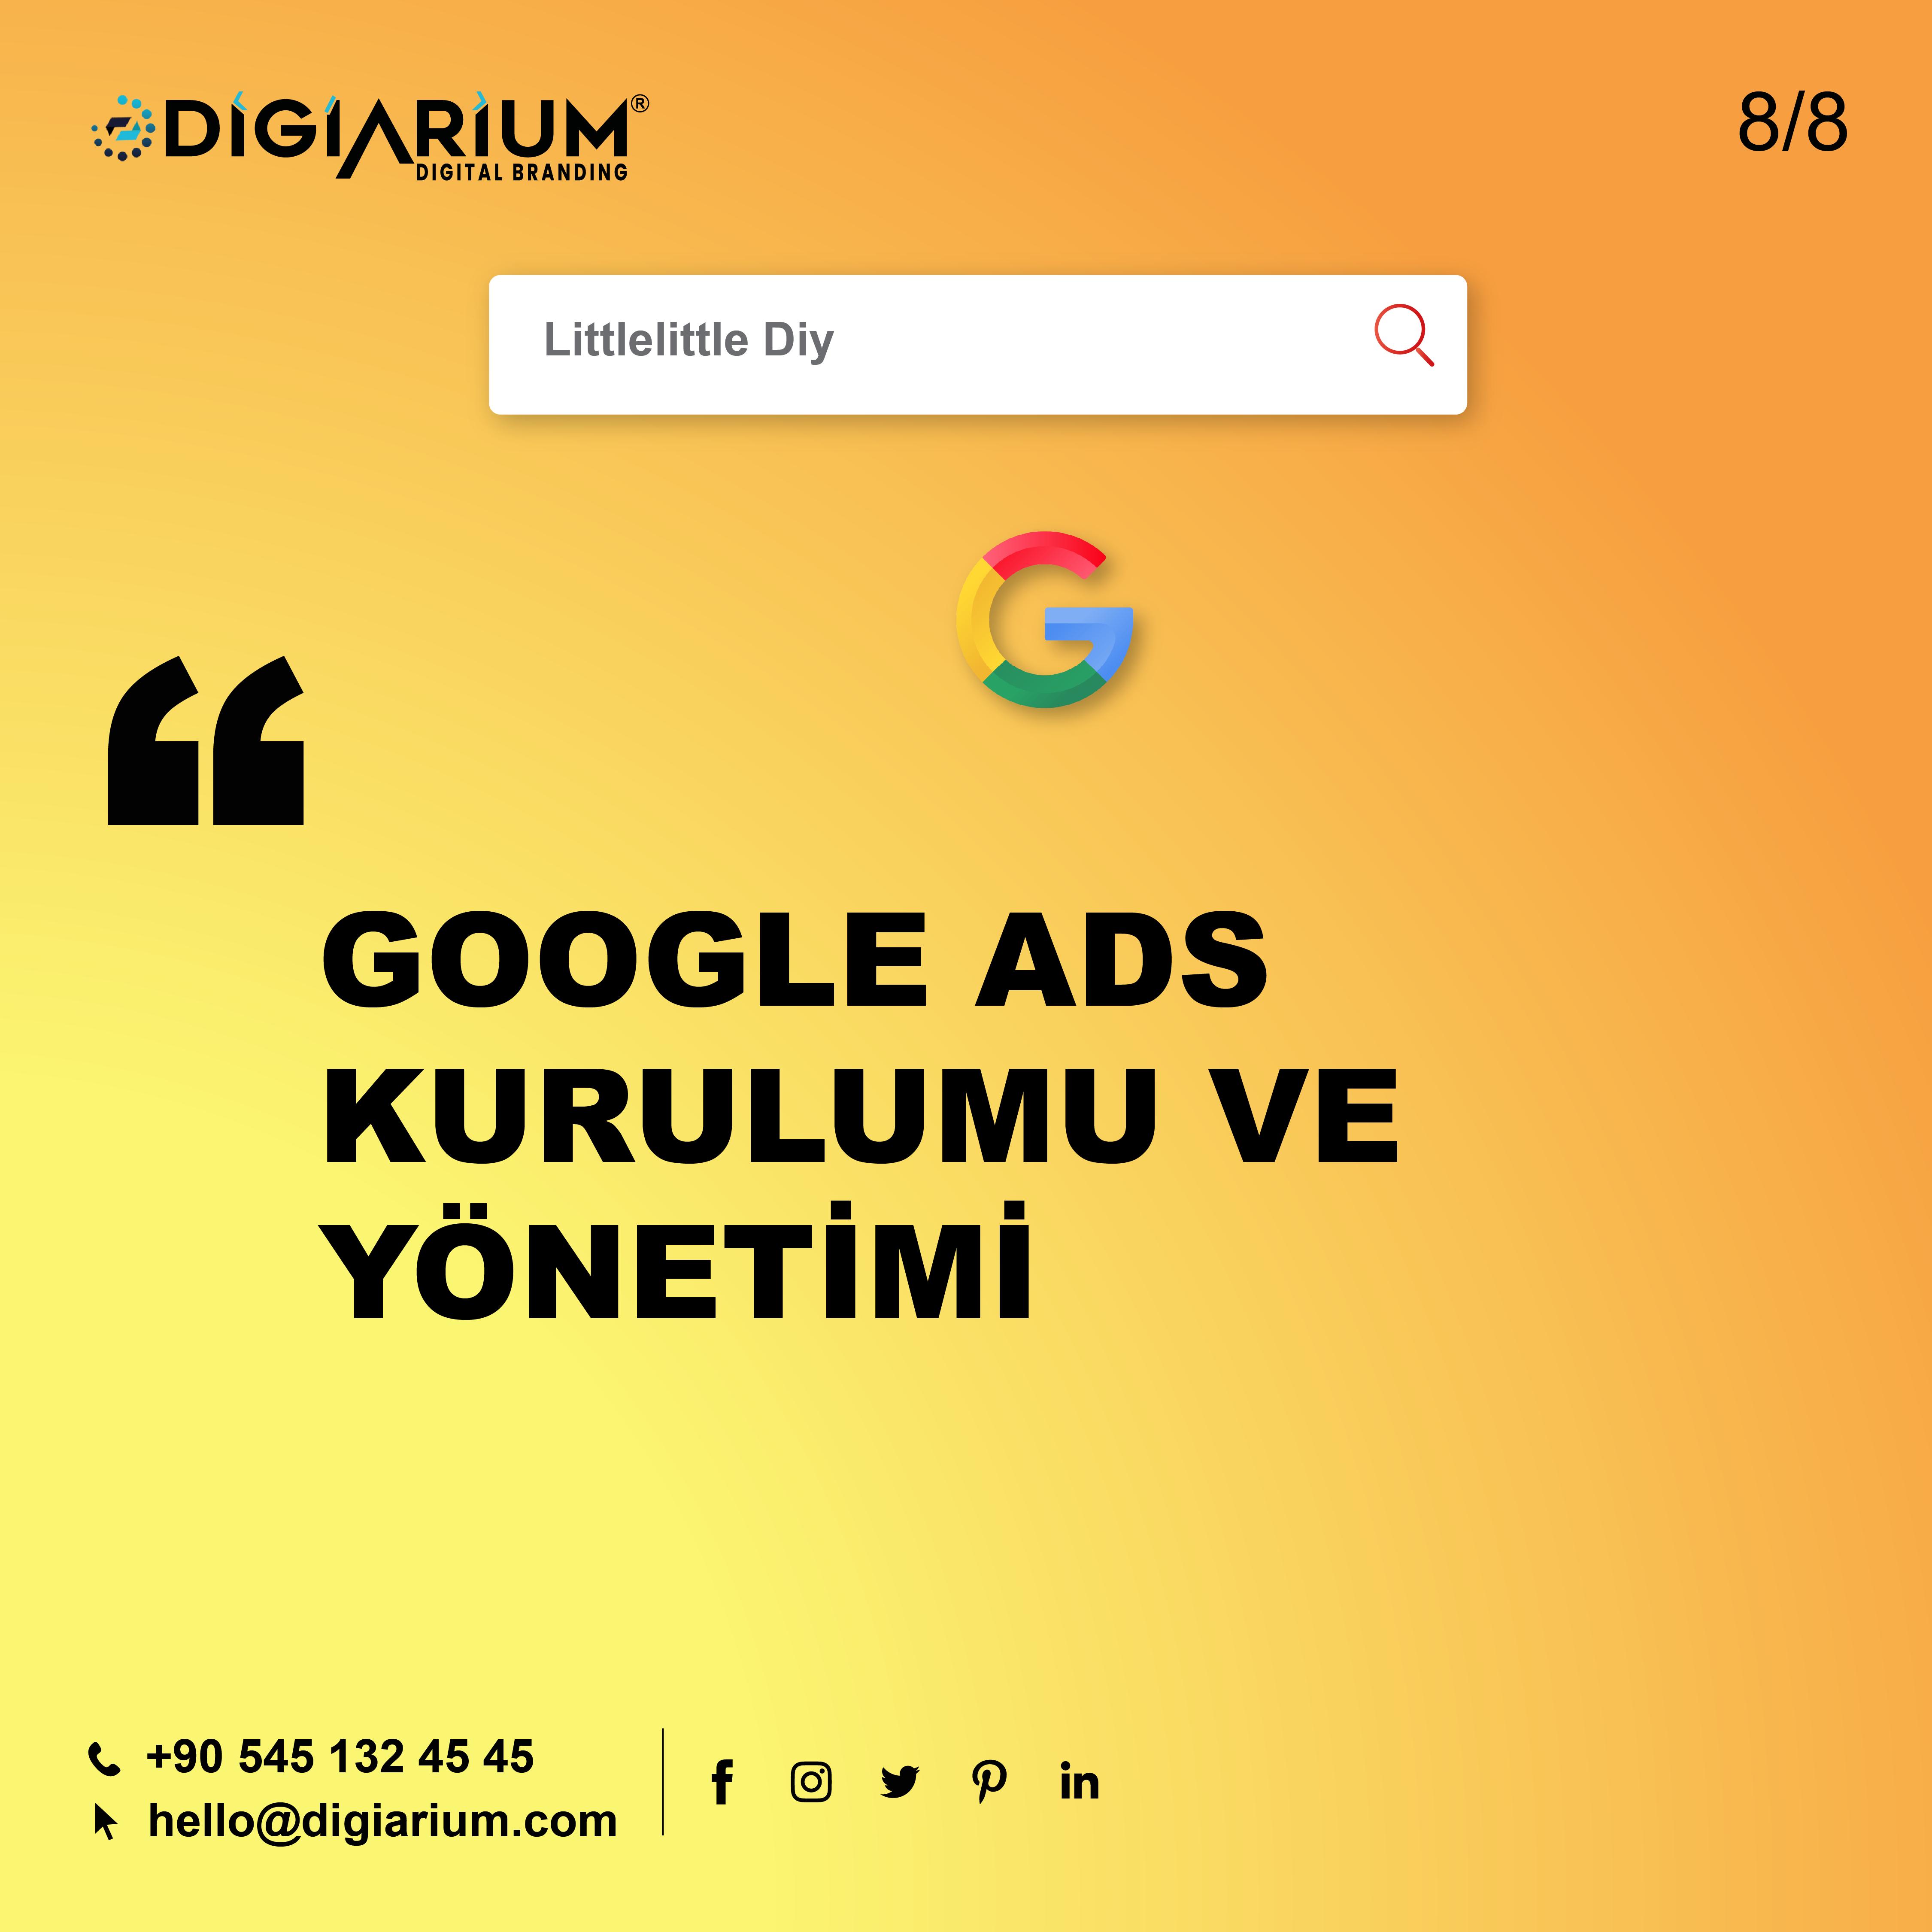 Google ads kurulumu ve yönetimi